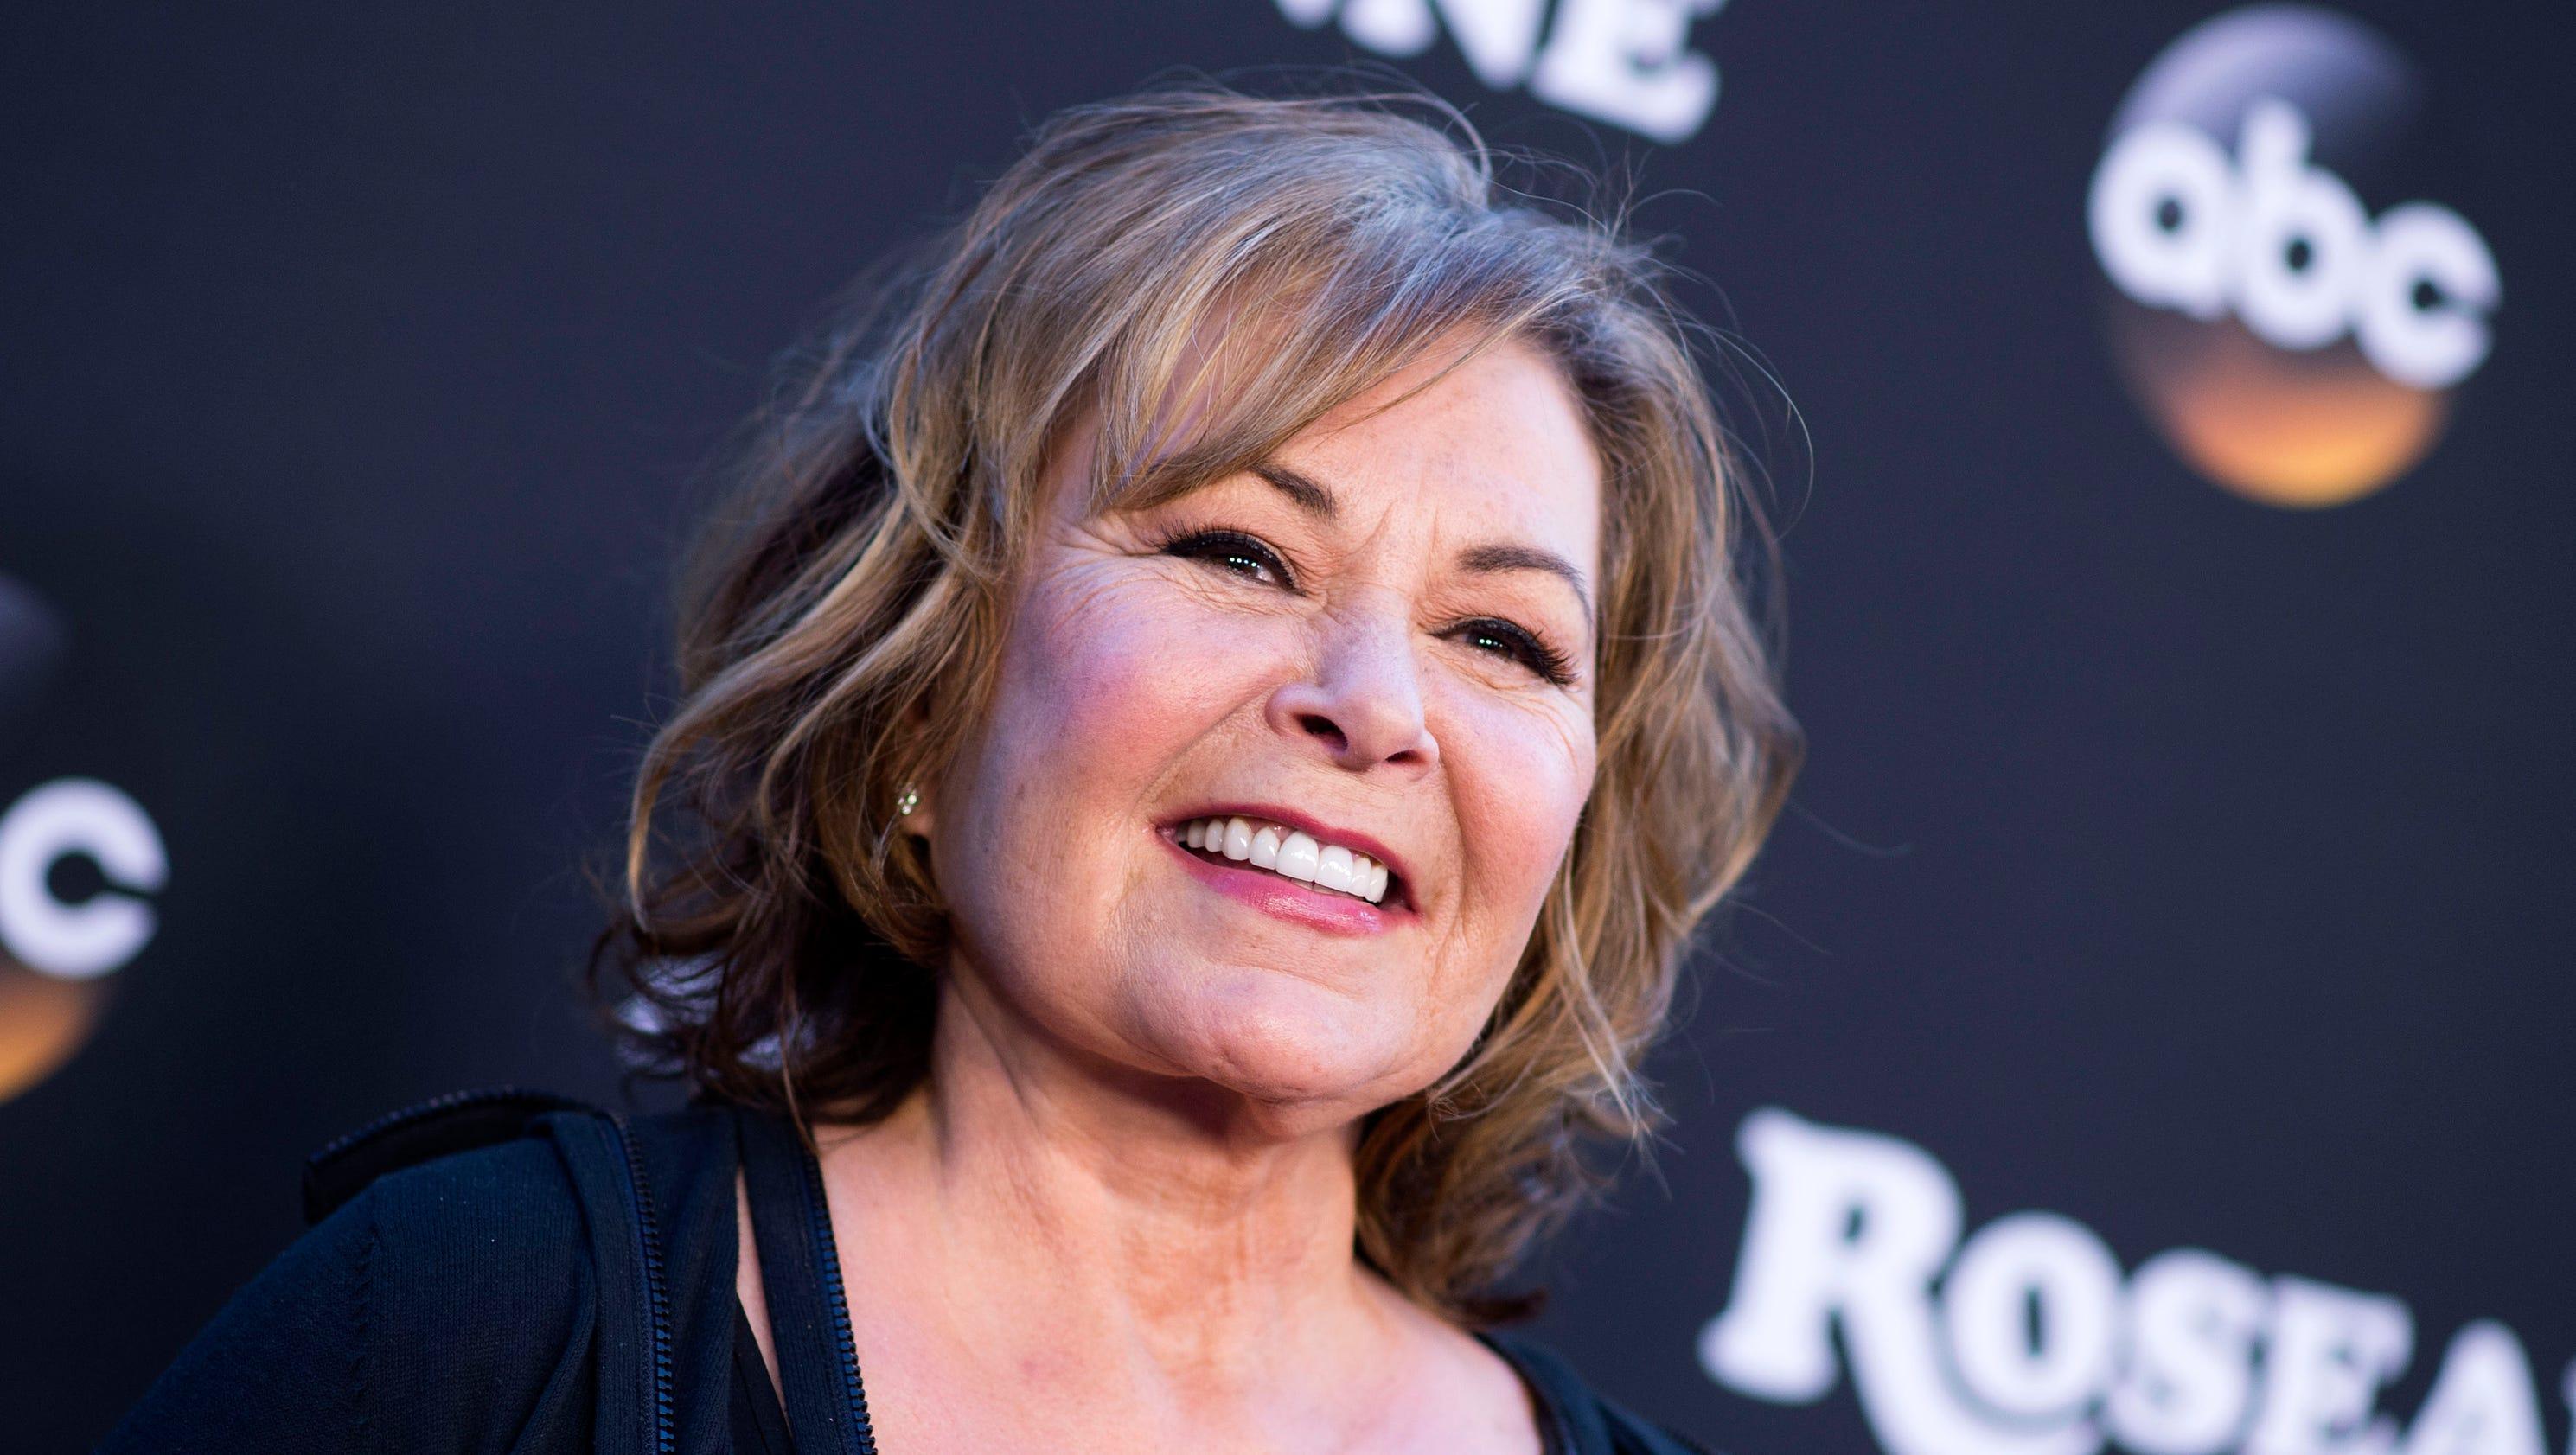 ROSEANNE revival stirs debate among comedians